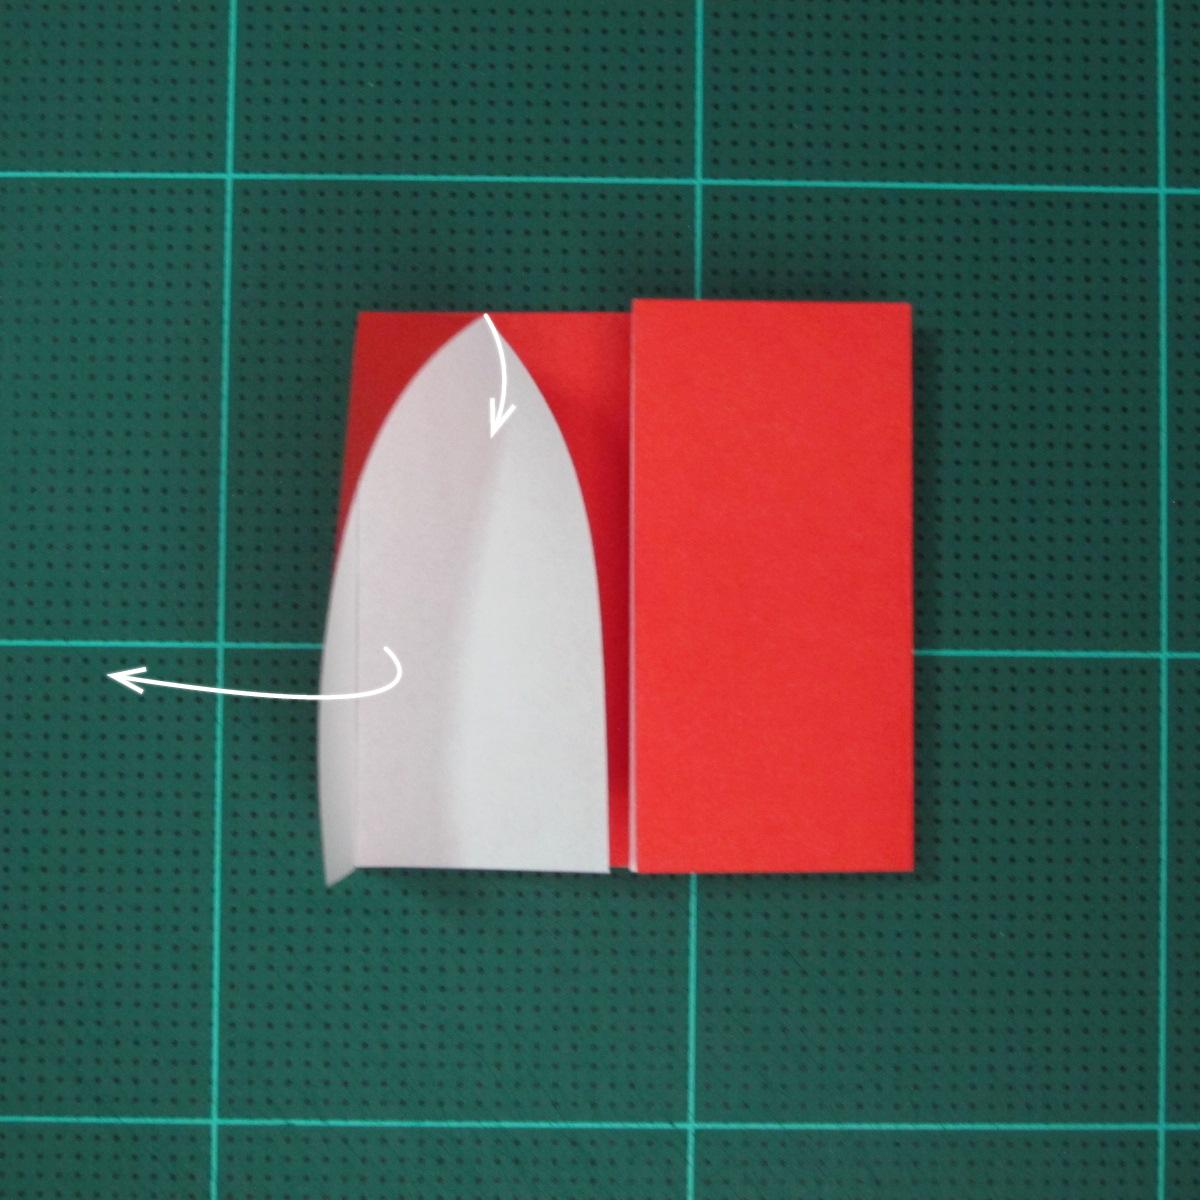 วิธีการพับกระดาษเป็นรูปเปียโน (Origami Piano) 006